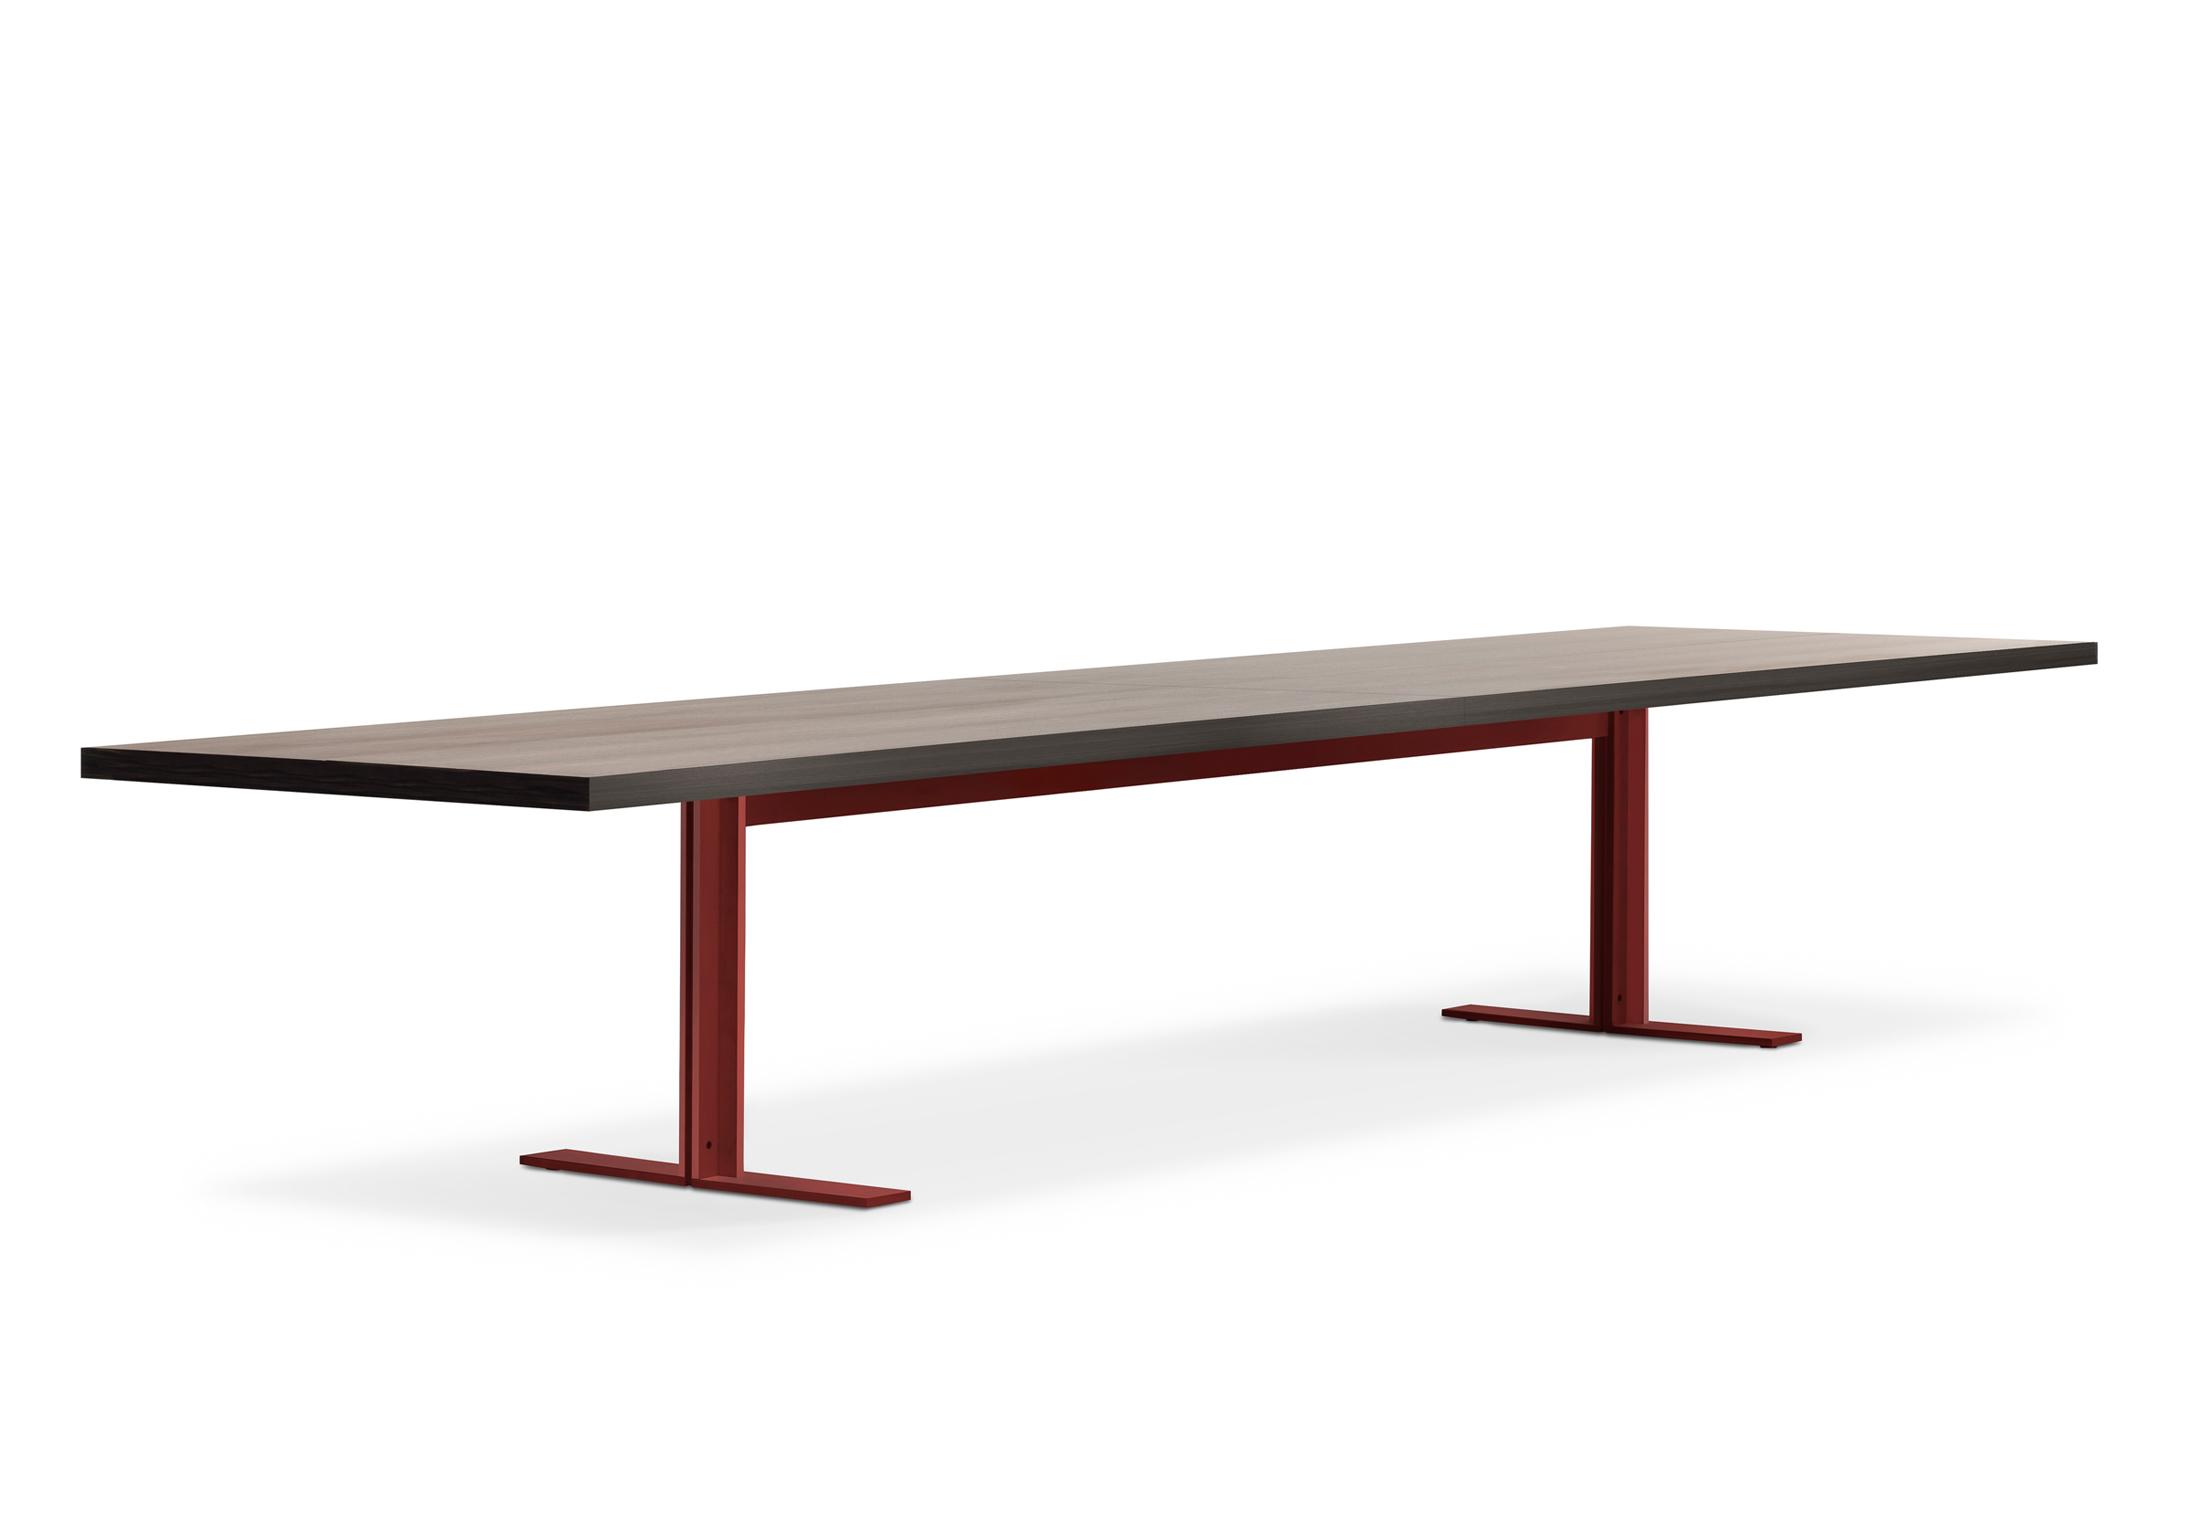 Memo Table by Piero Lissoni for Lema